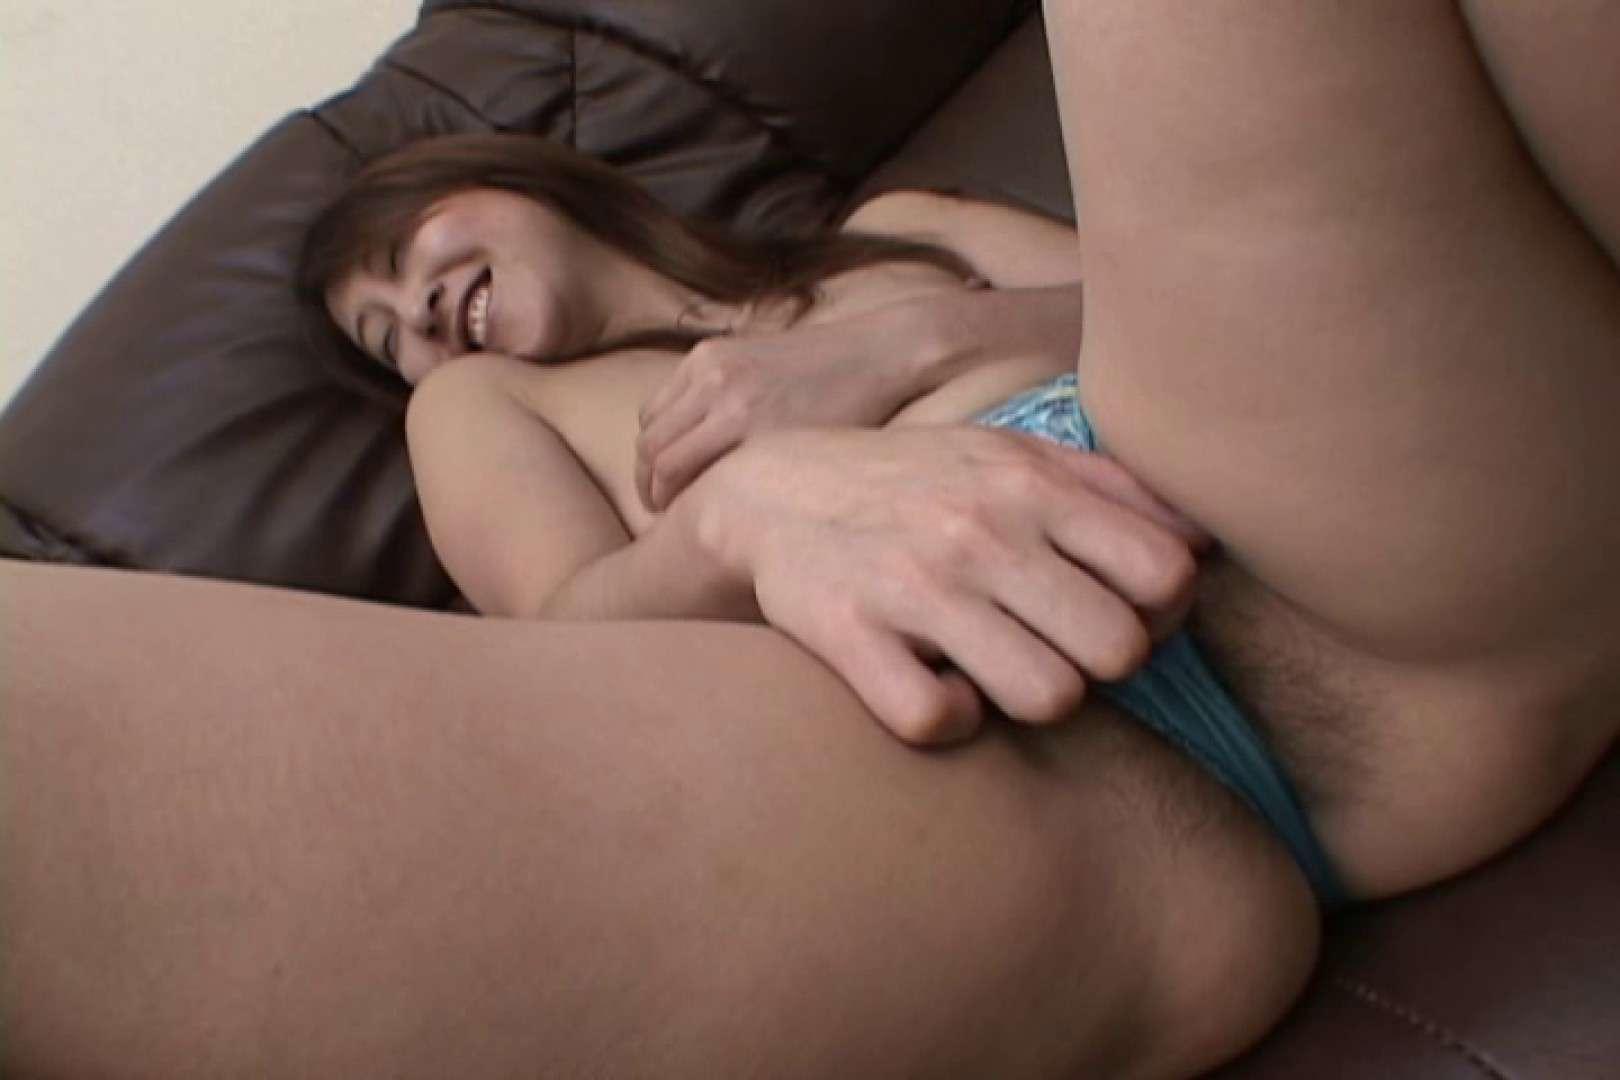 オナニー好きの綺麗なお姉さんと楽しくSEX~姫野あかね~ フェラ エロ無料画像 83枚 68